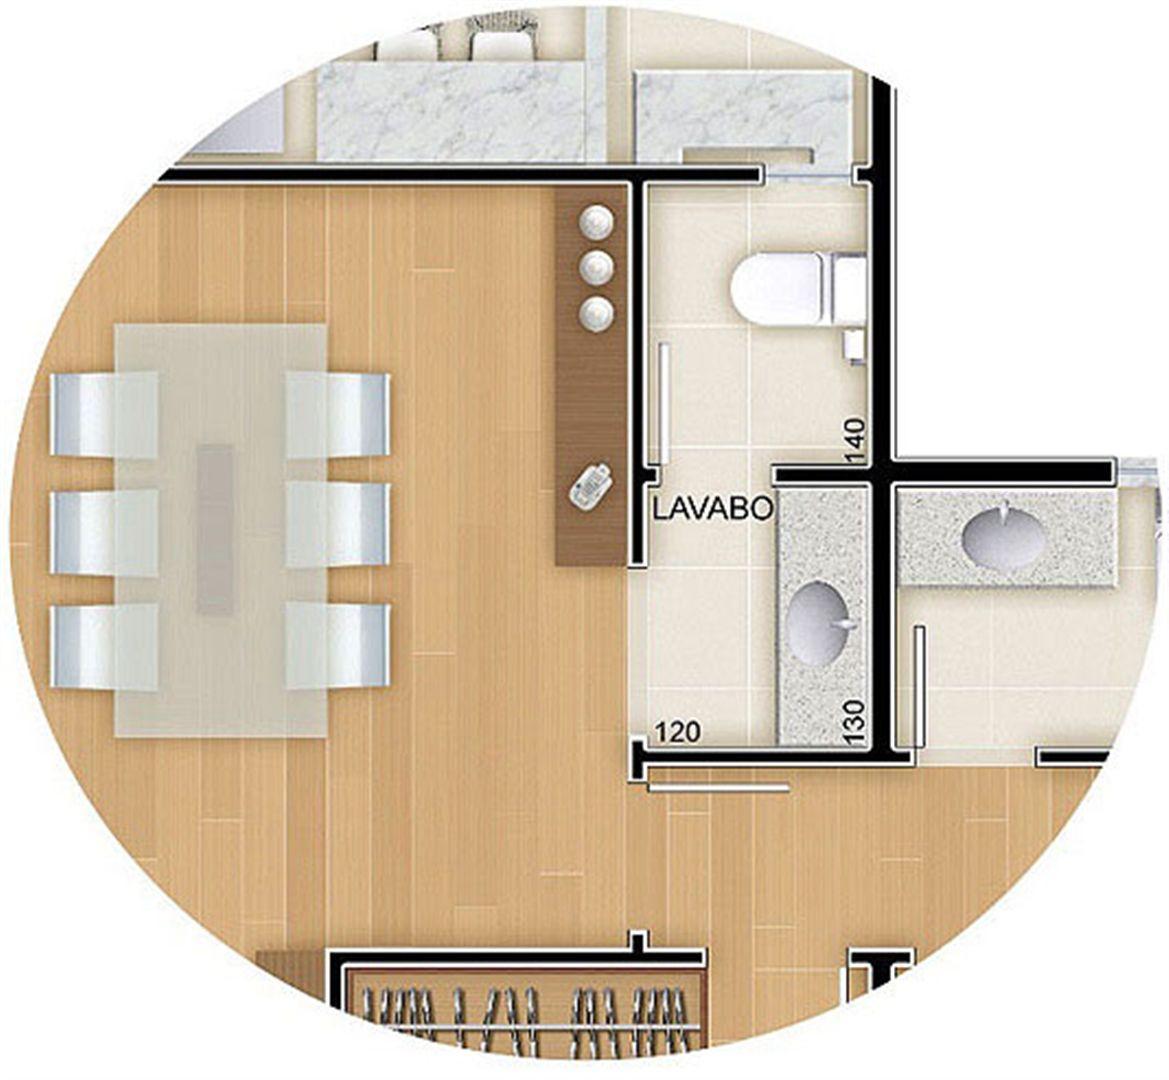 Torres 1 e 4 - 3 Quartos - 96 m² - Planta opção - Lavabo   Reserva Verde Residencial Park – Apartamento em  Laranjeiras - Serra - Espírito Santo